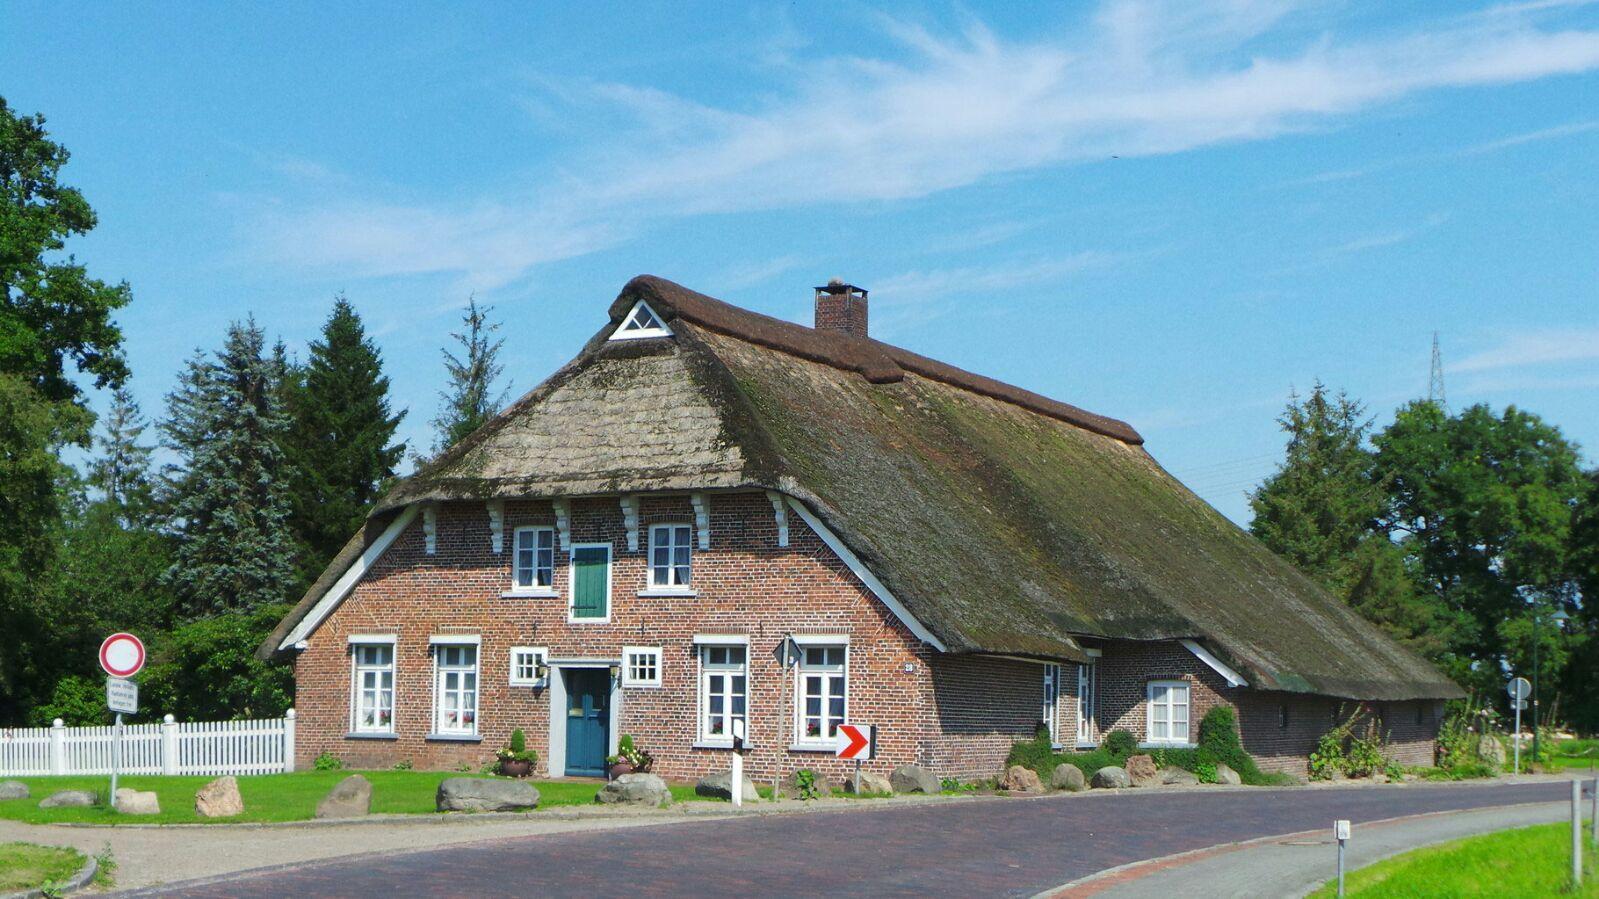 Das Hankenhaus eines von 17 Reetdachhäusern in Steinhausen.